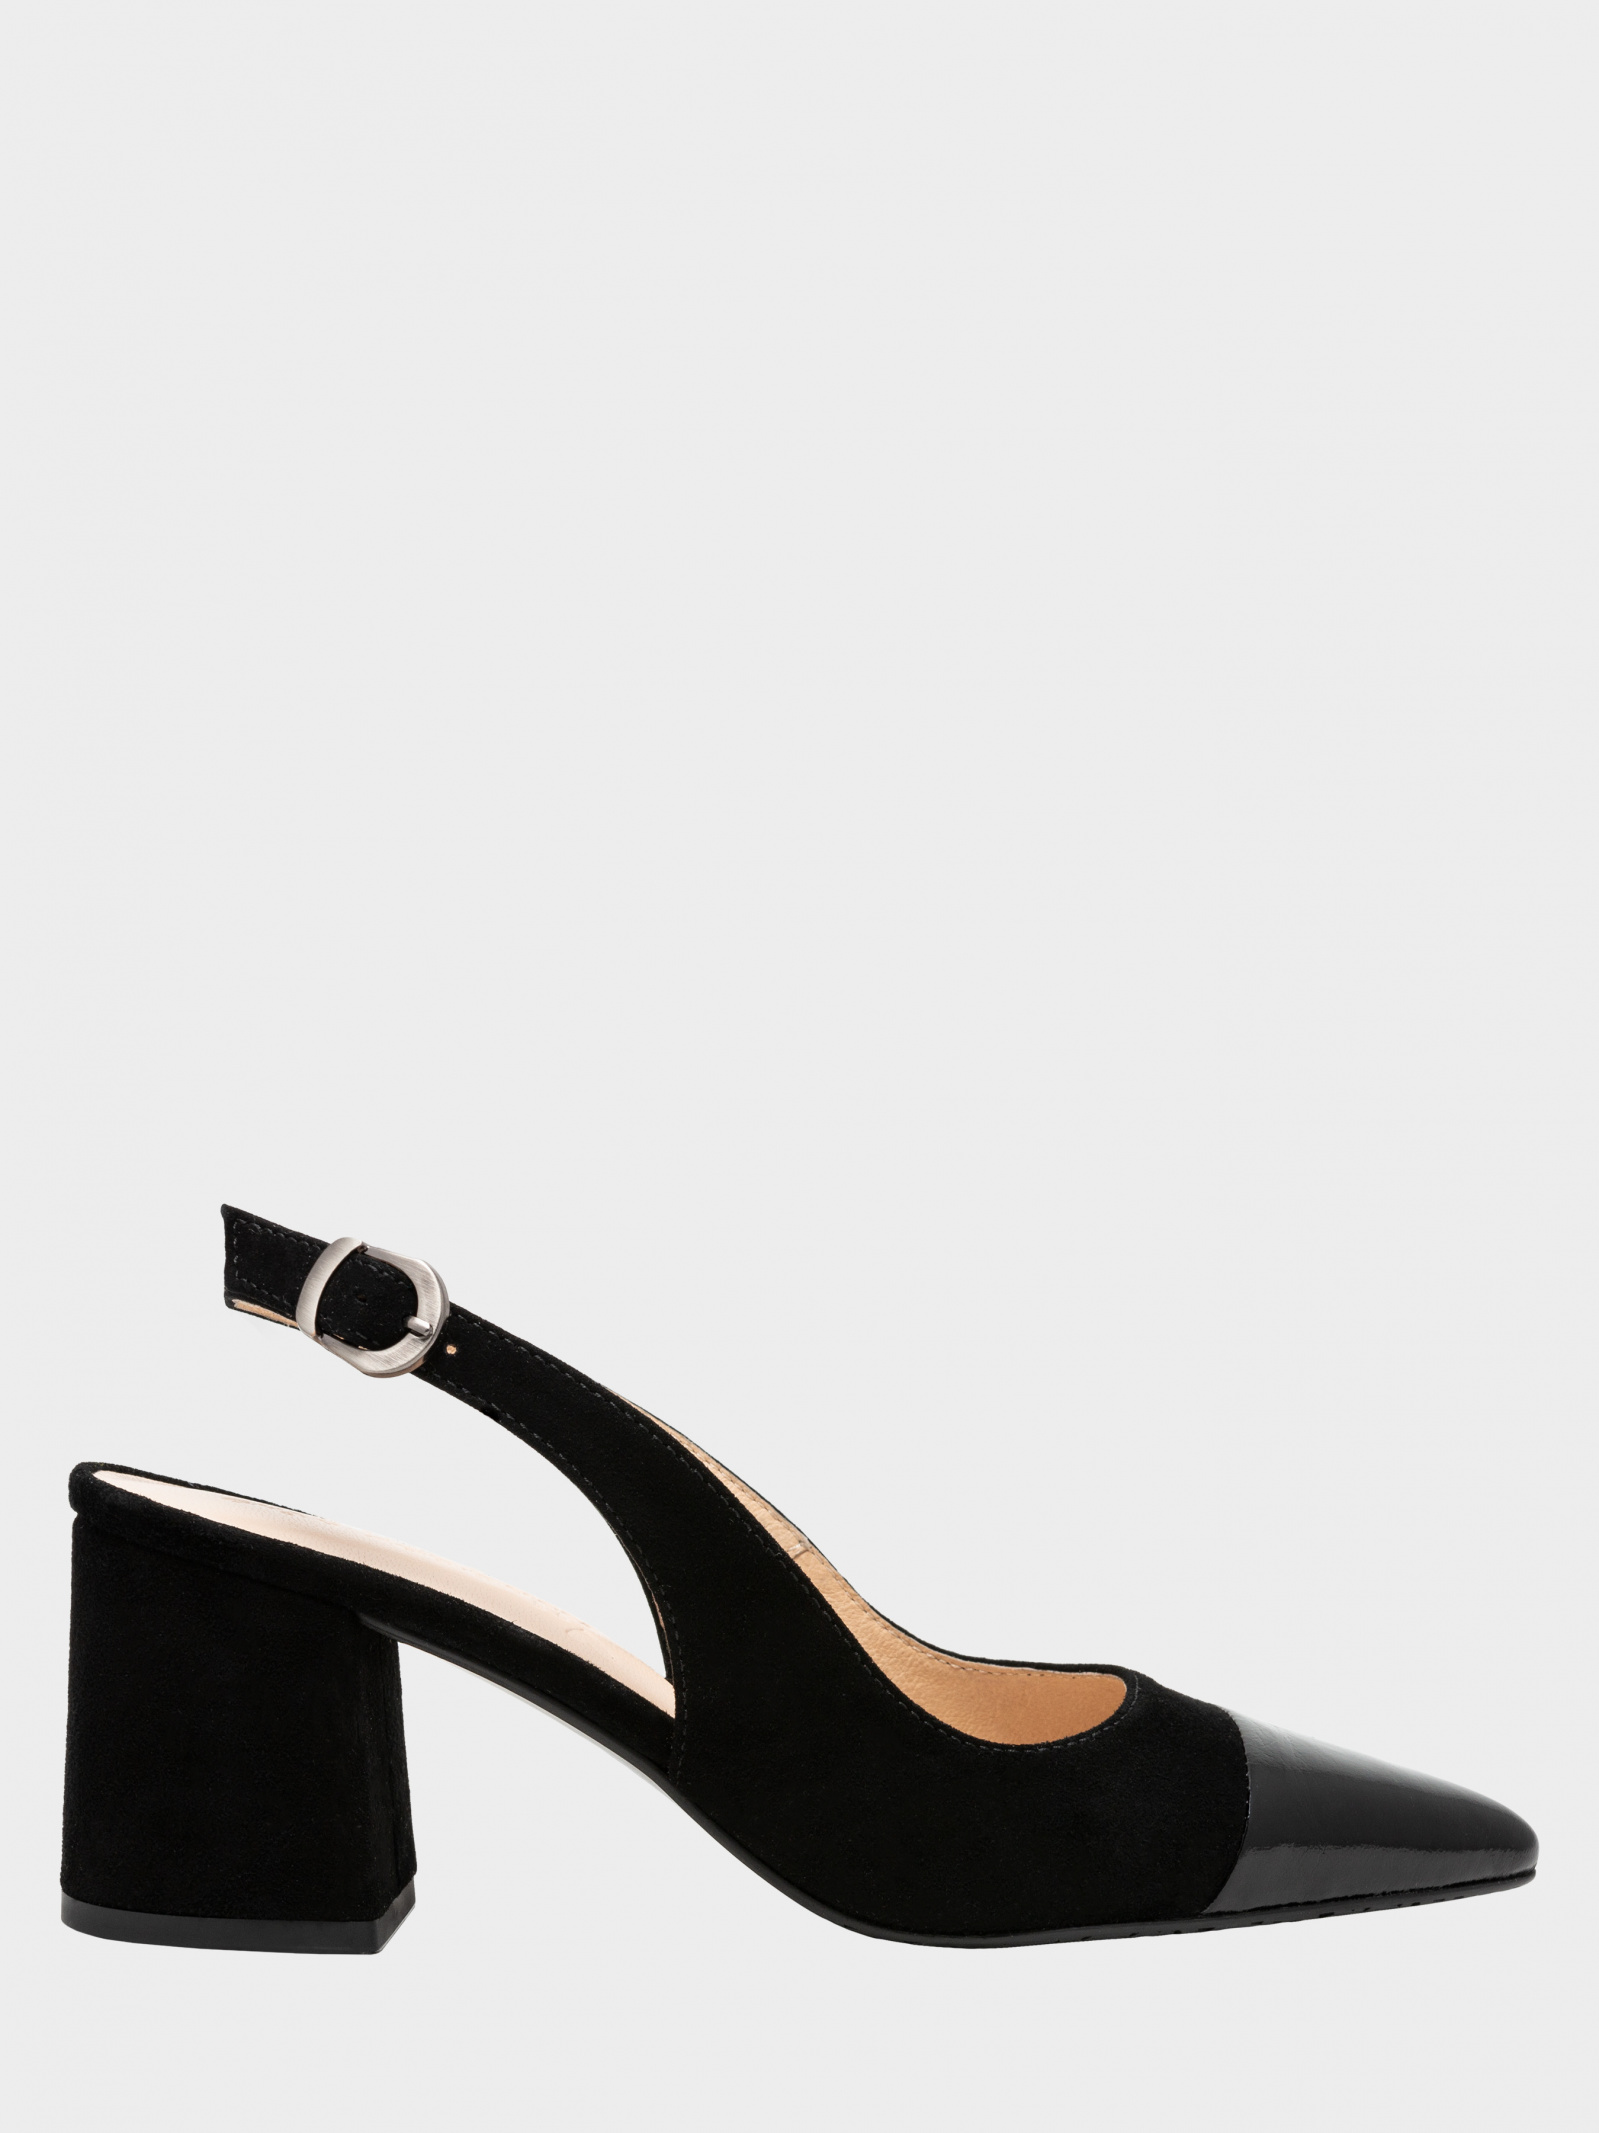 Босоніжки  для жінок Enzo Verratti 18-12366 купити взуття, 2017